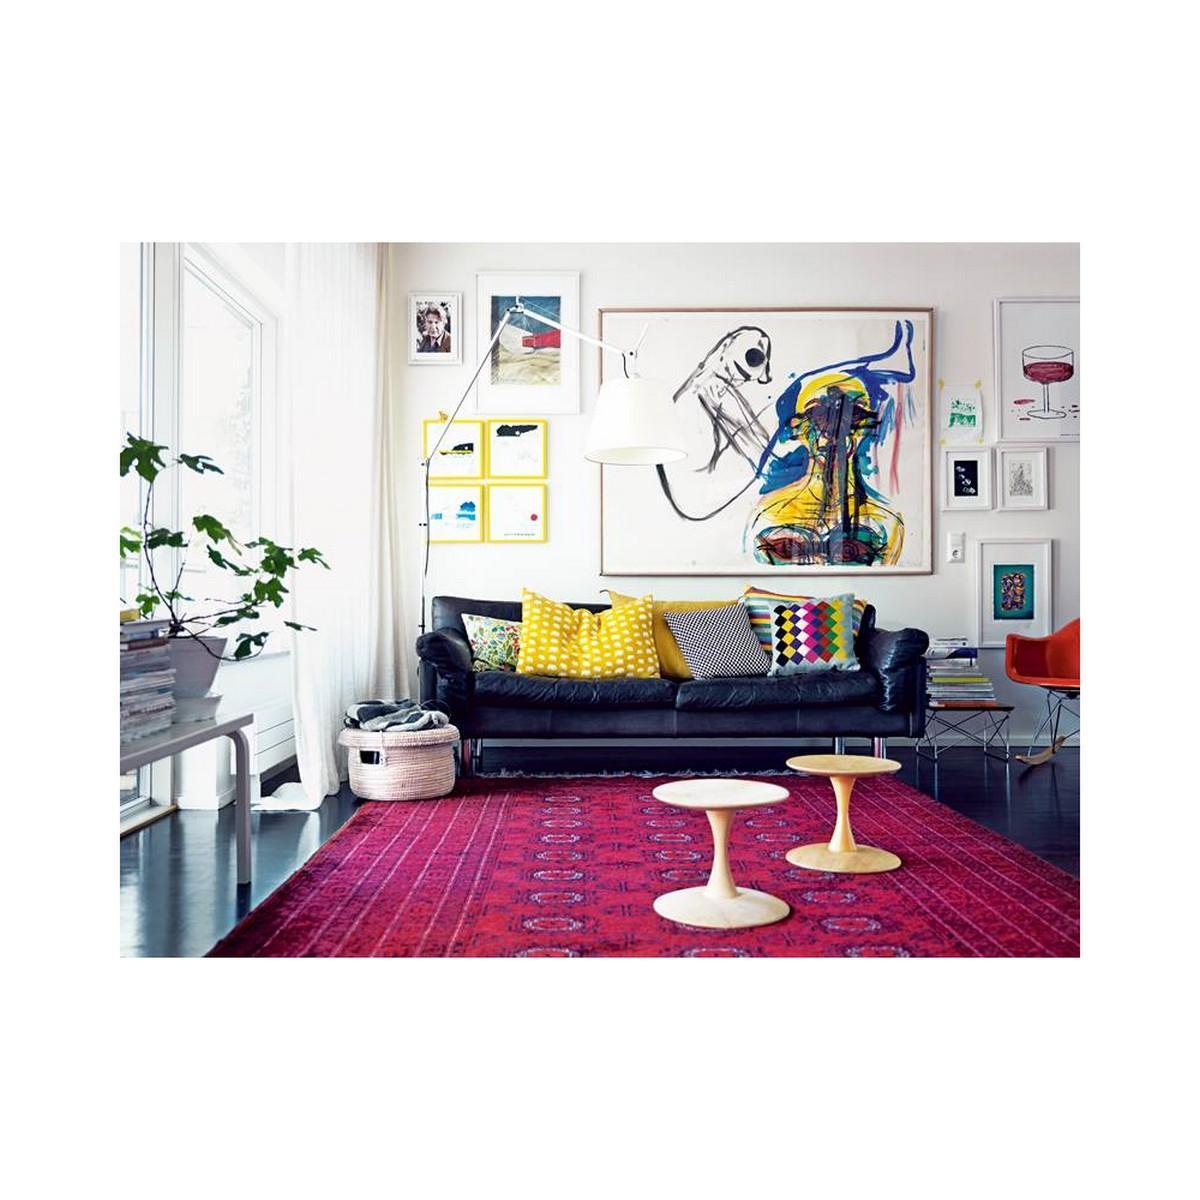 Wohnzimmer Hocker Teppich Ledersofa Pinkfarbenerteppich Sofa Bunterstuhl Weisserhocker